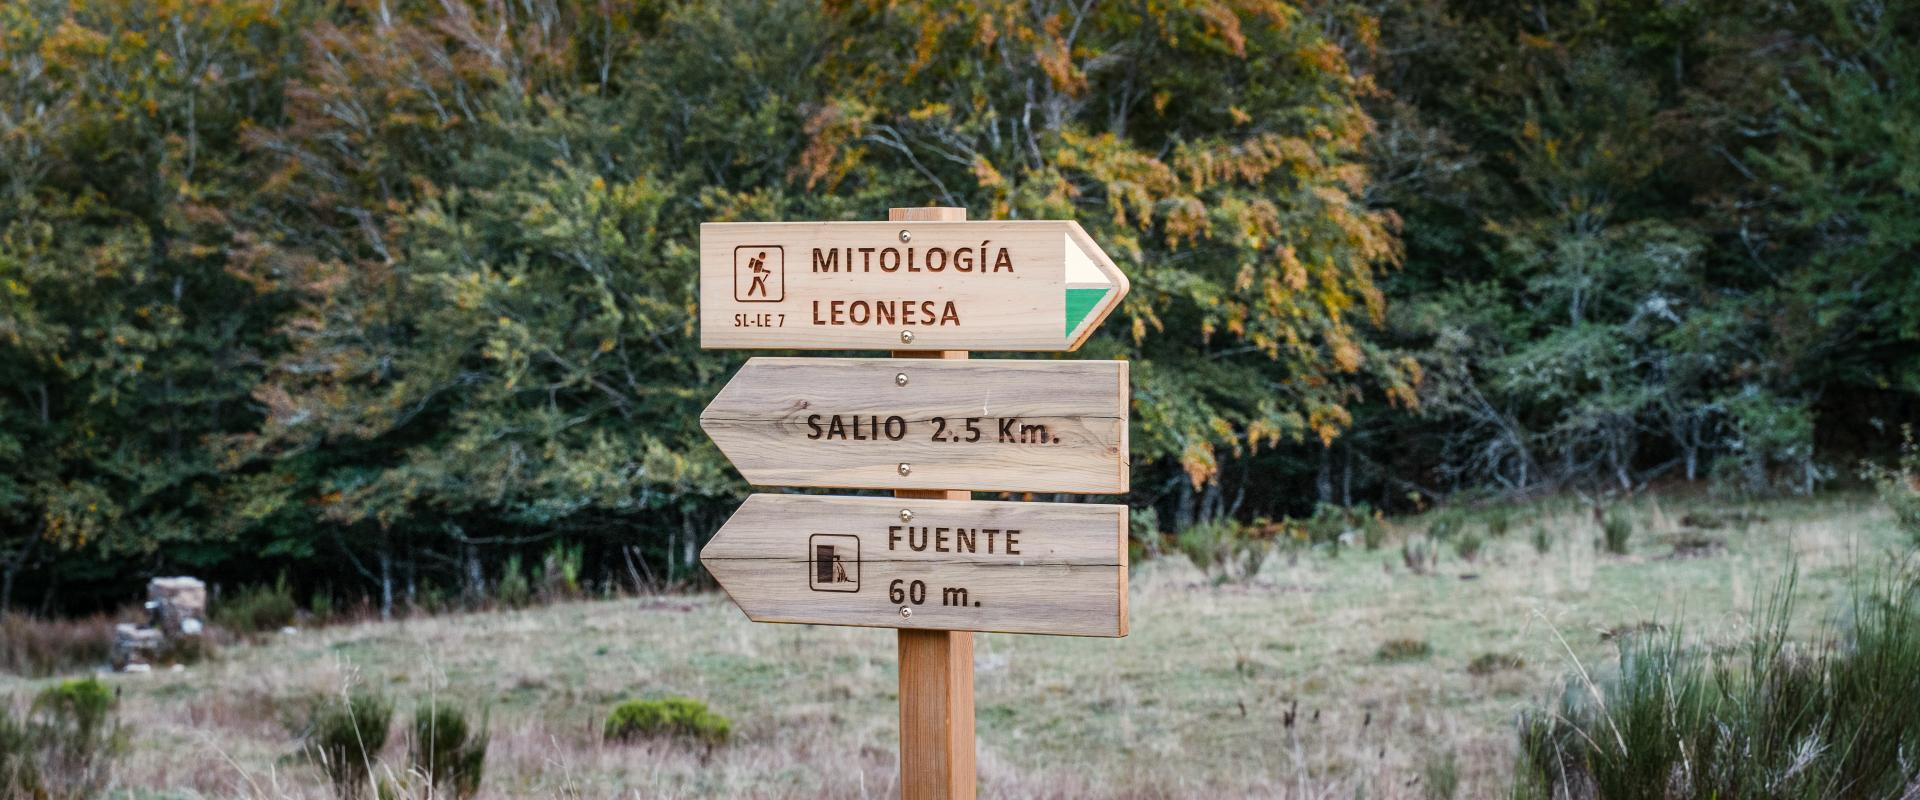 SENDA MITOLÓGICA (TURISMO MONTAÑA RIAÑO)